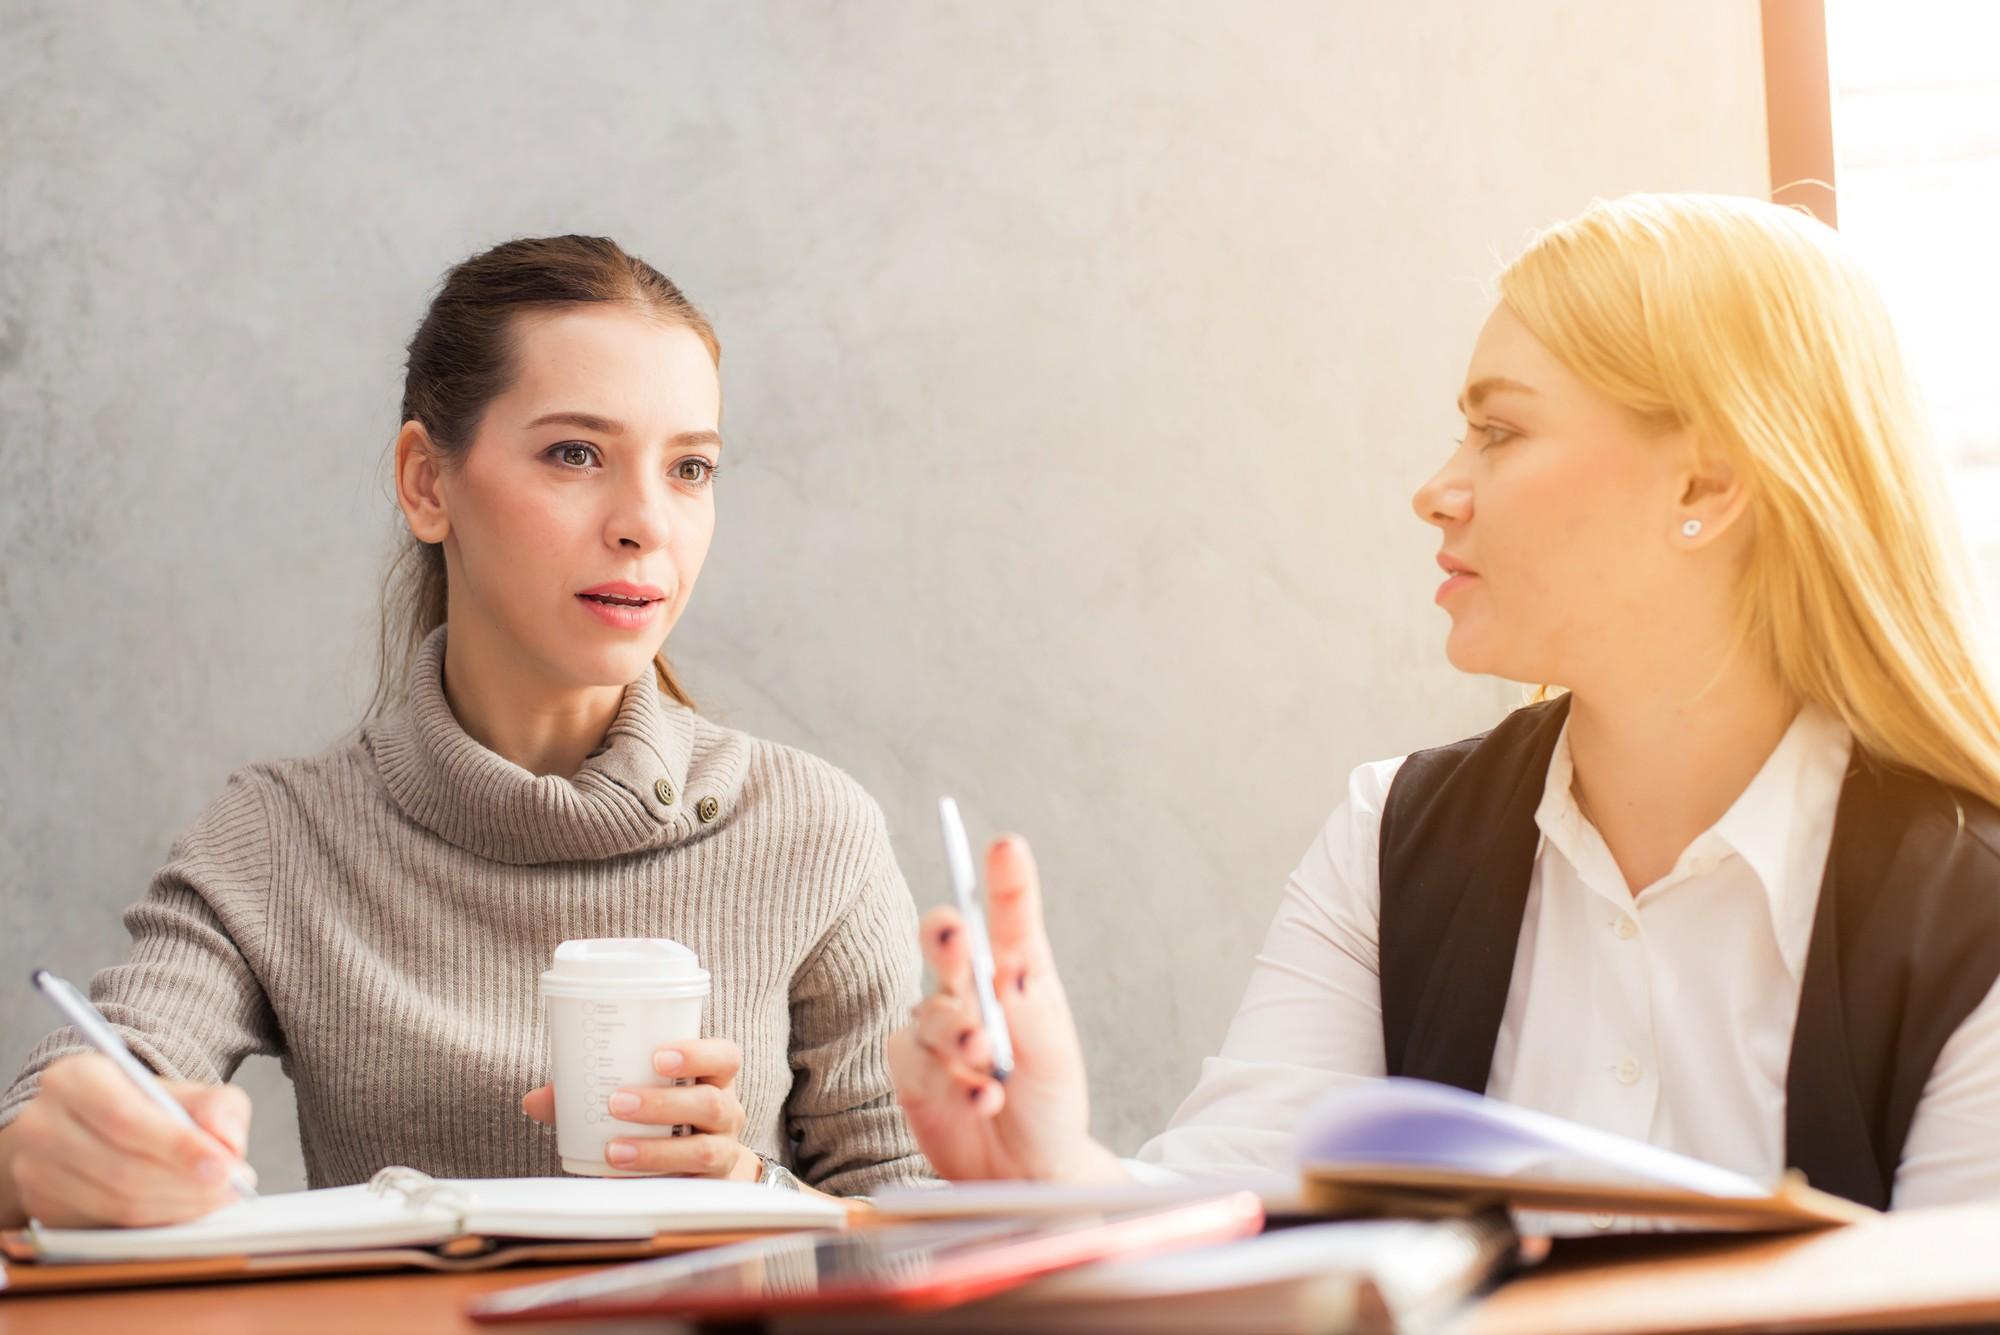 Bạn còn nhớ thời đi học, đứa bạn cùng bàn suốt ngày hỏi đi hỏi lại những câu gì không? - Ảnh 5.